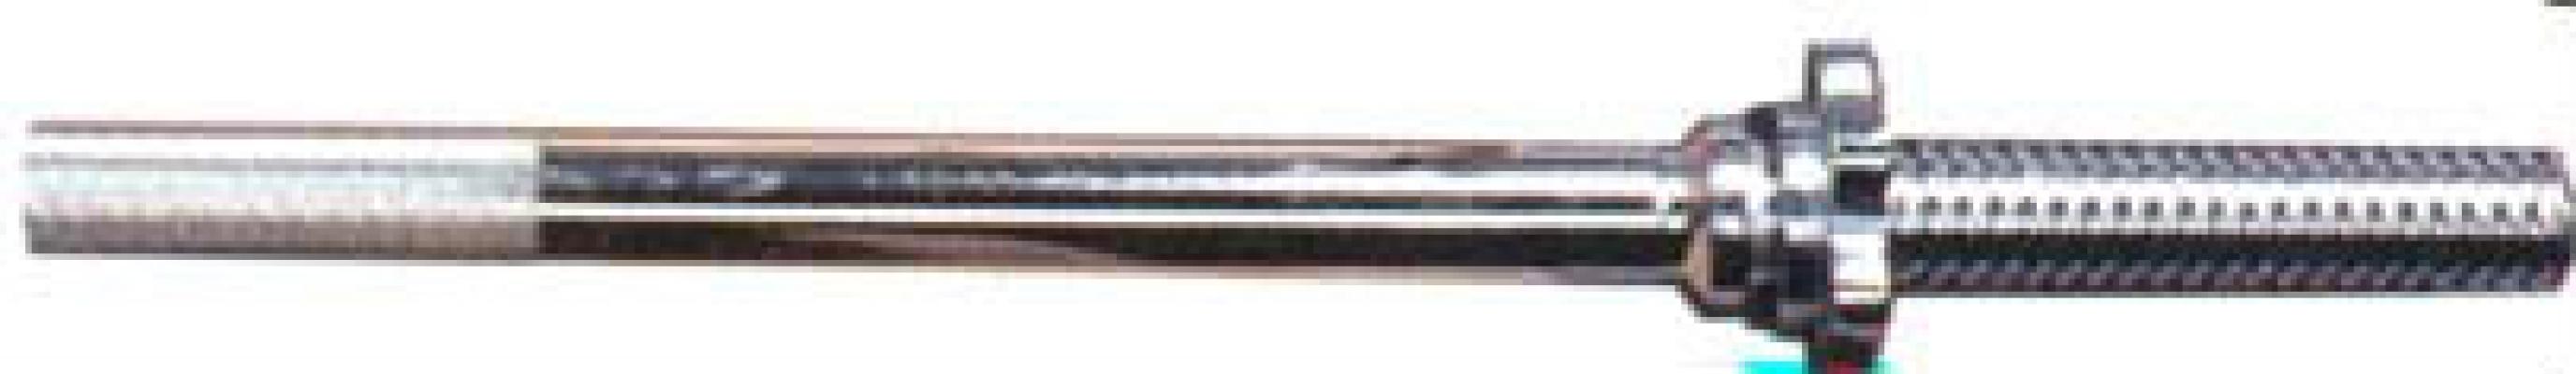 5FT Long Bar (IR 94004)